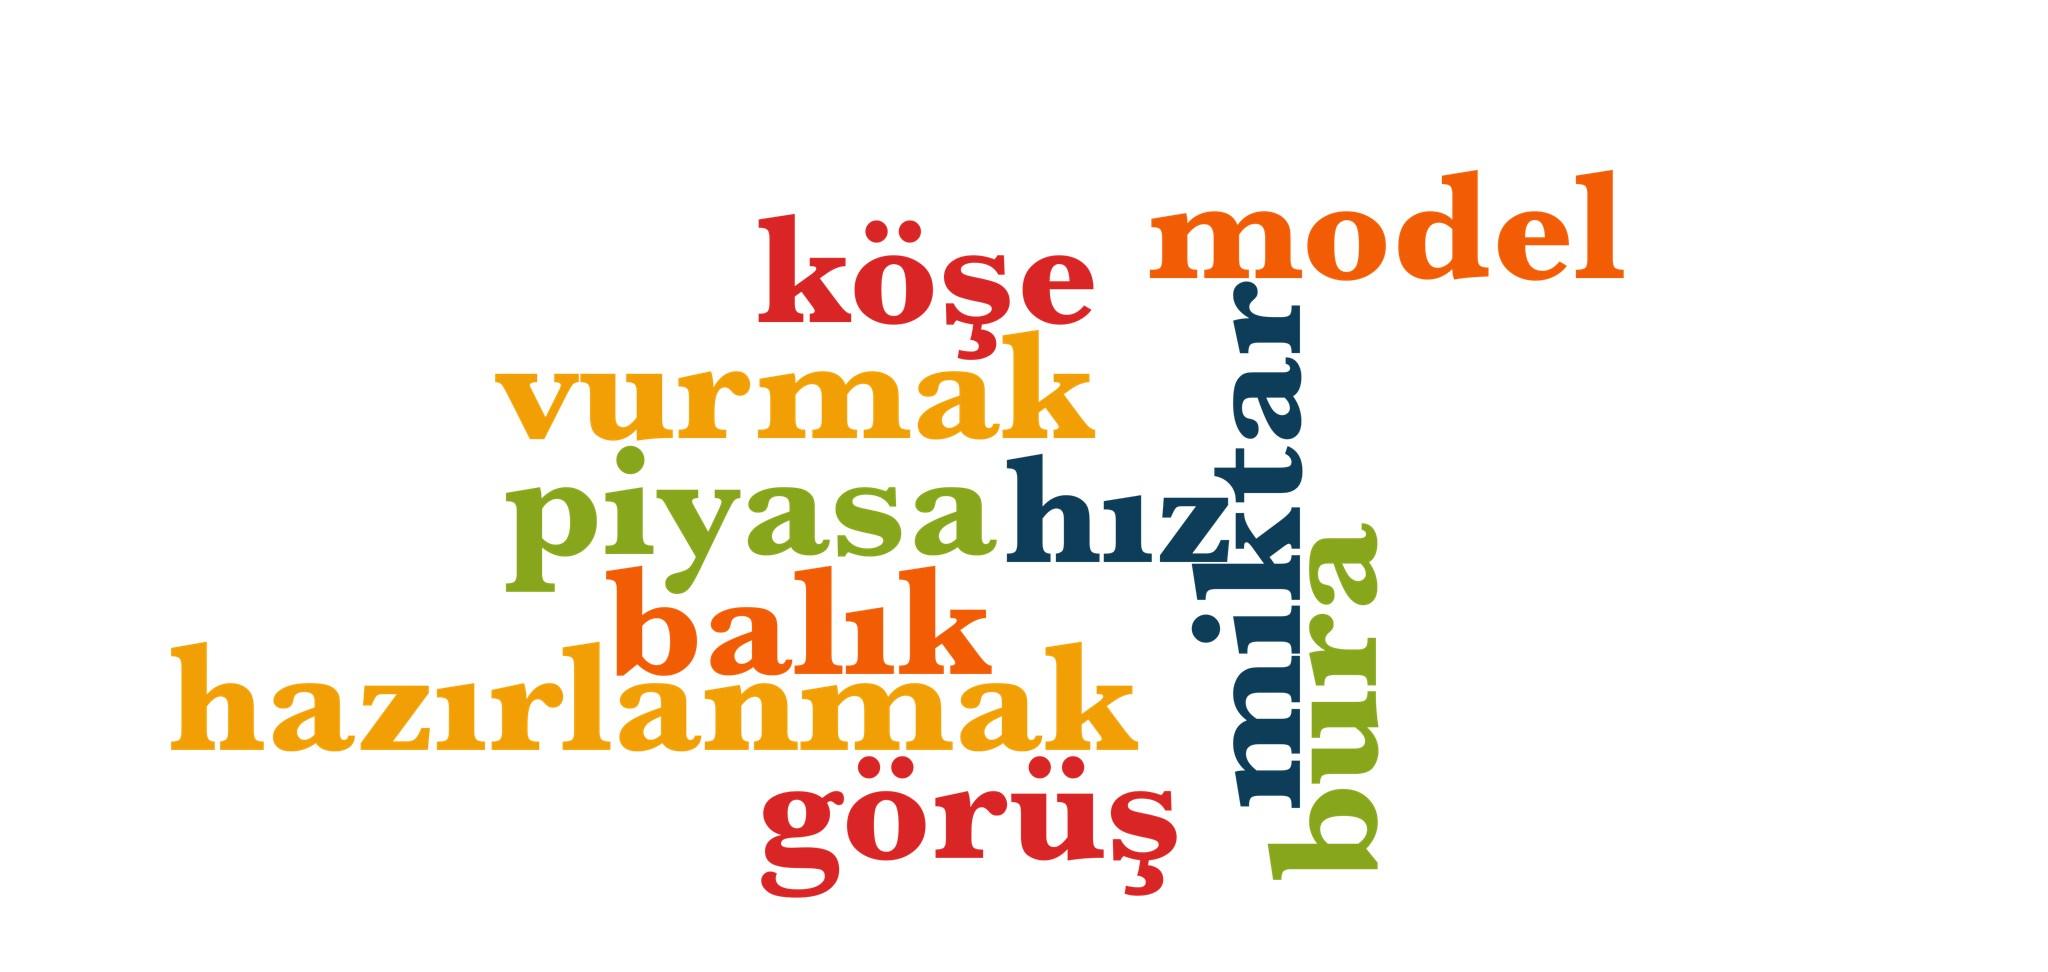 Wörter 521 bis 530 der 1000 häufigsten Wörter der türkischen Sprache